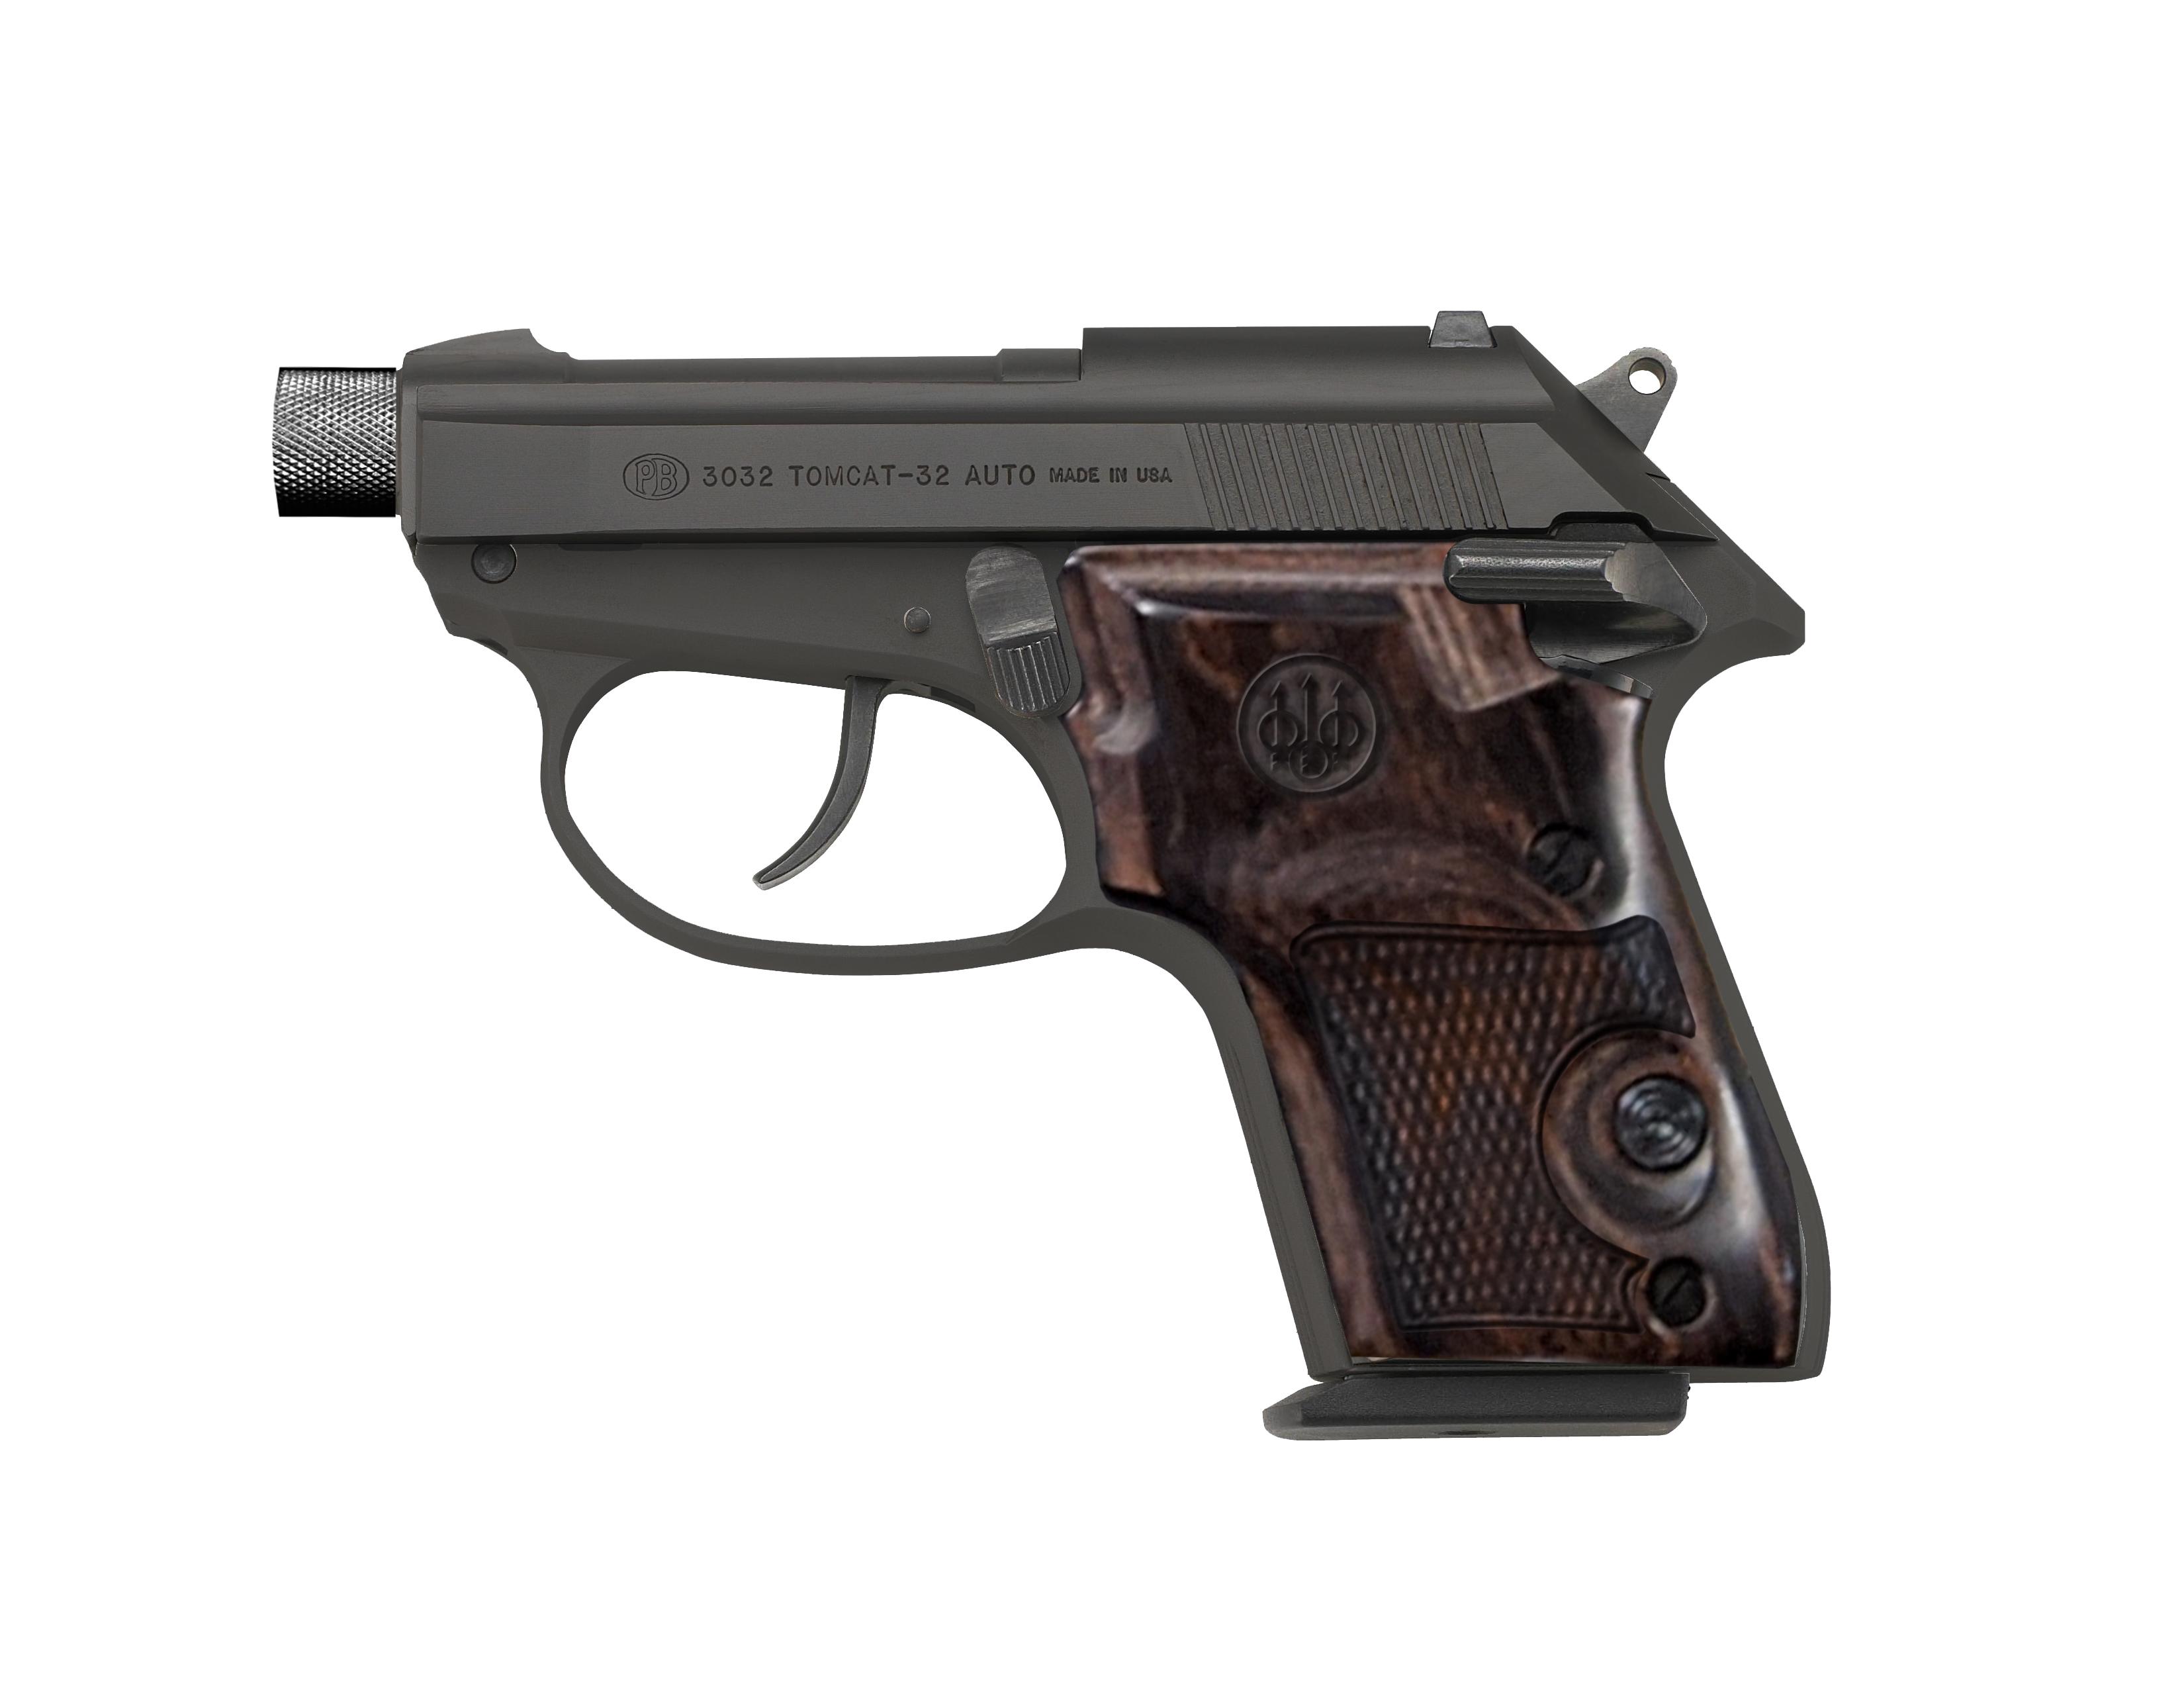 Beretta 3032 Tomcat Covert 32 ACP